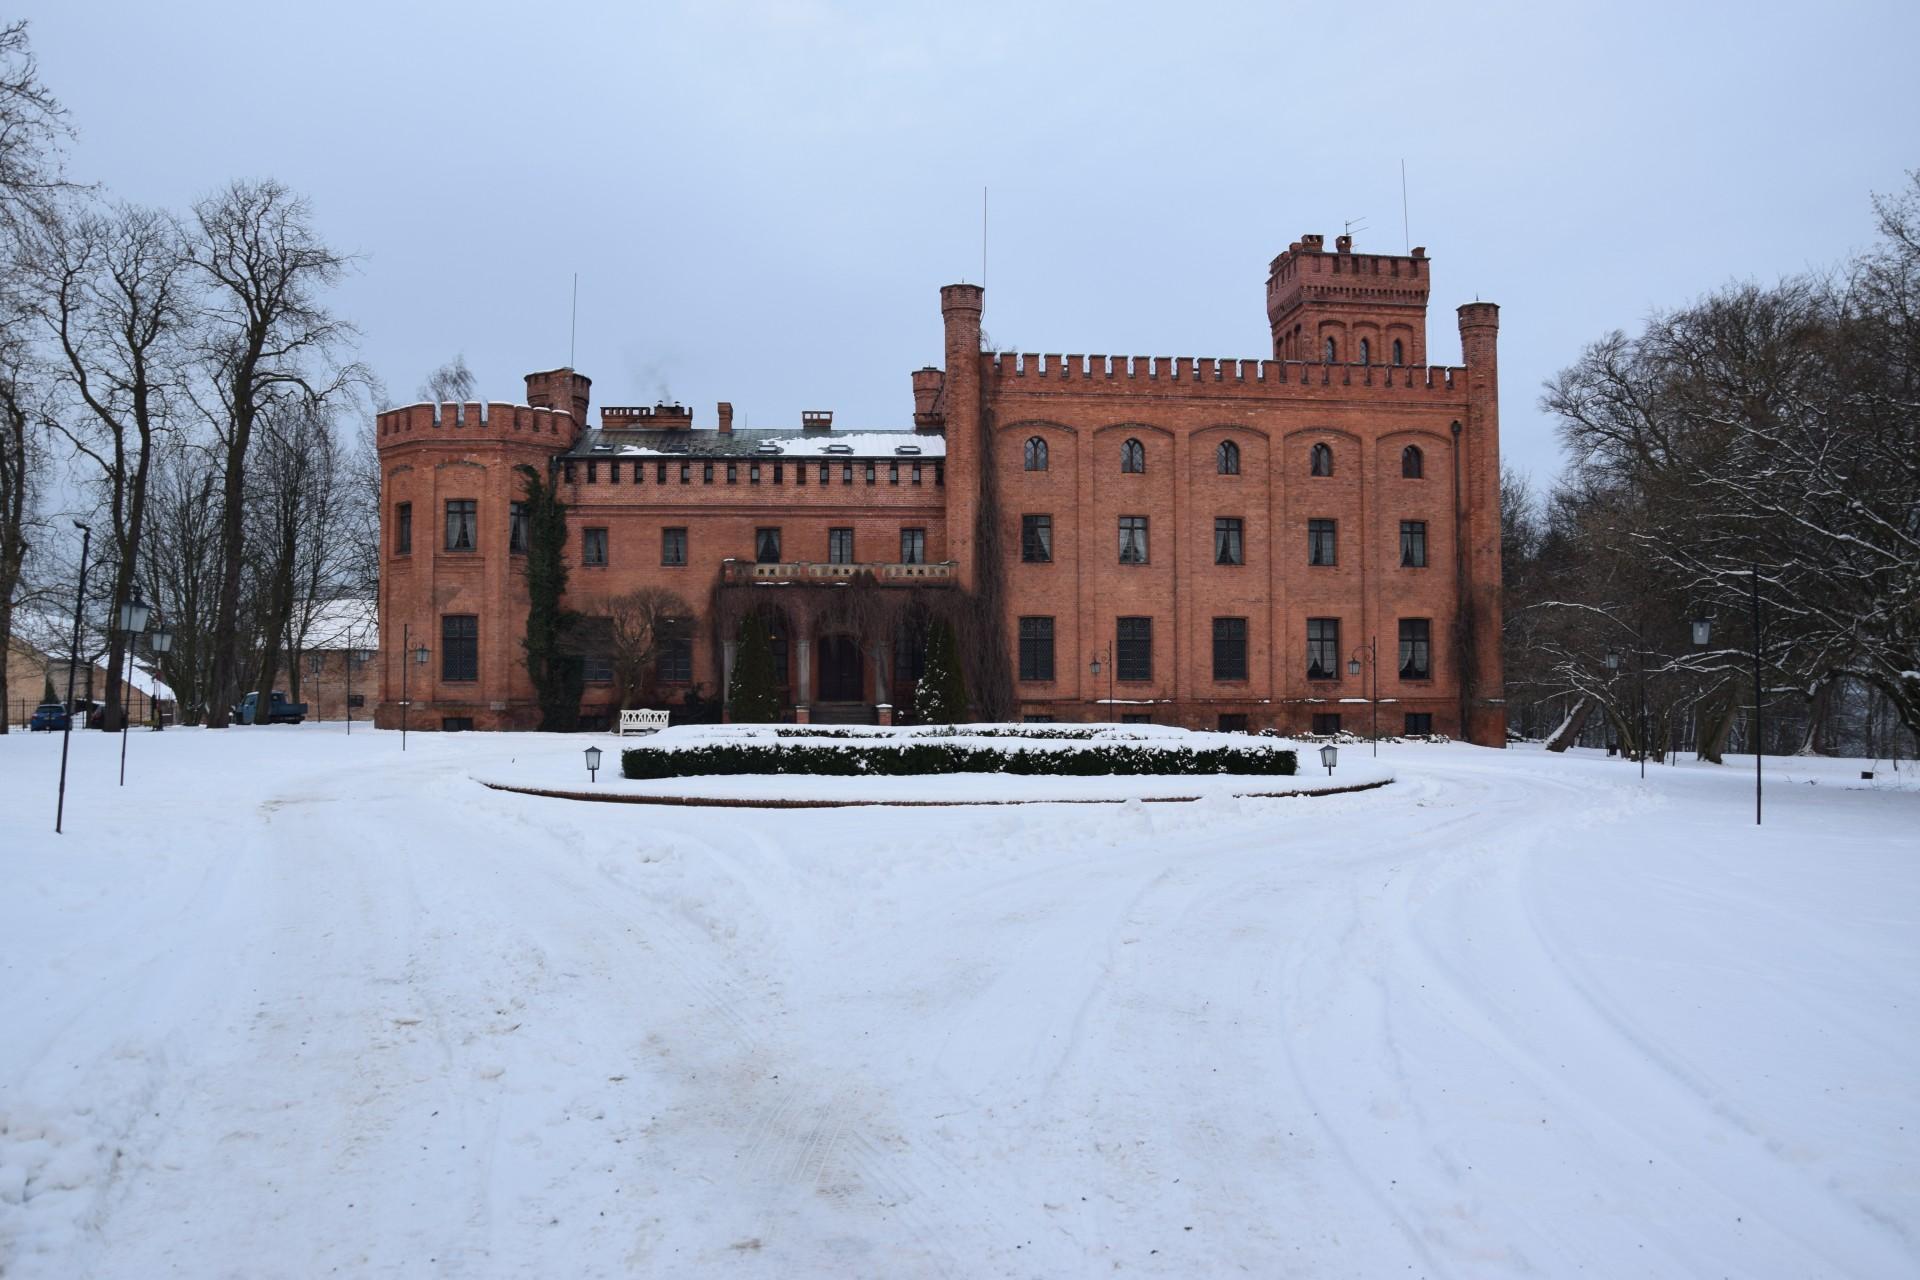 Pałac rzucewo. Fot. Tomasz Słomczyński/Magazyn Kaszuby